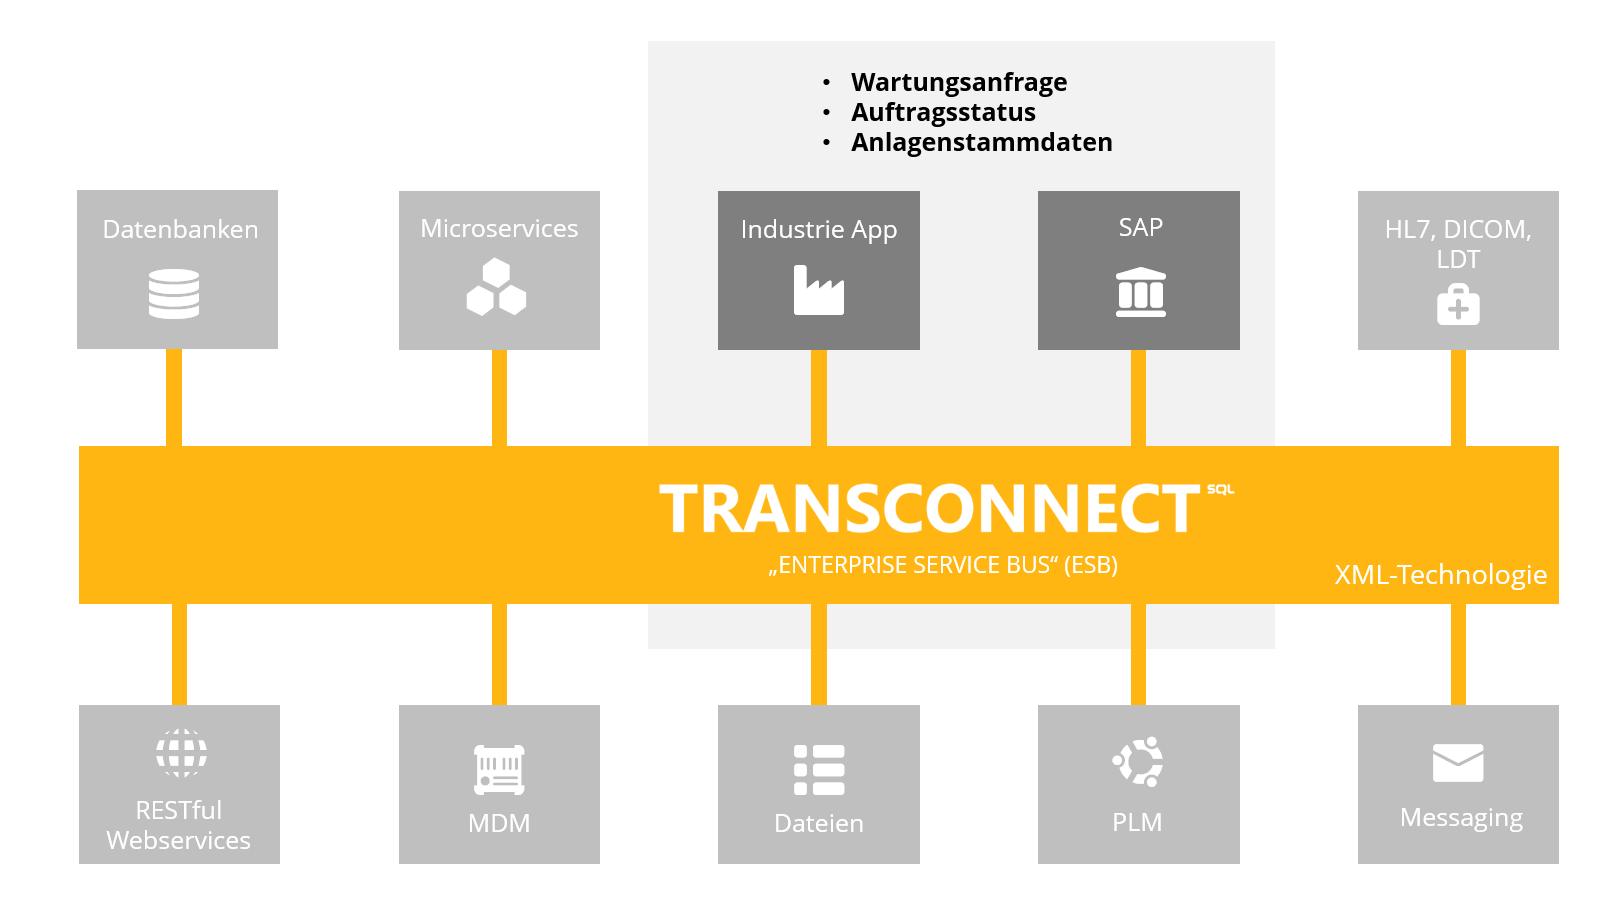 industrie-app-sap-integration-mit-transconnect